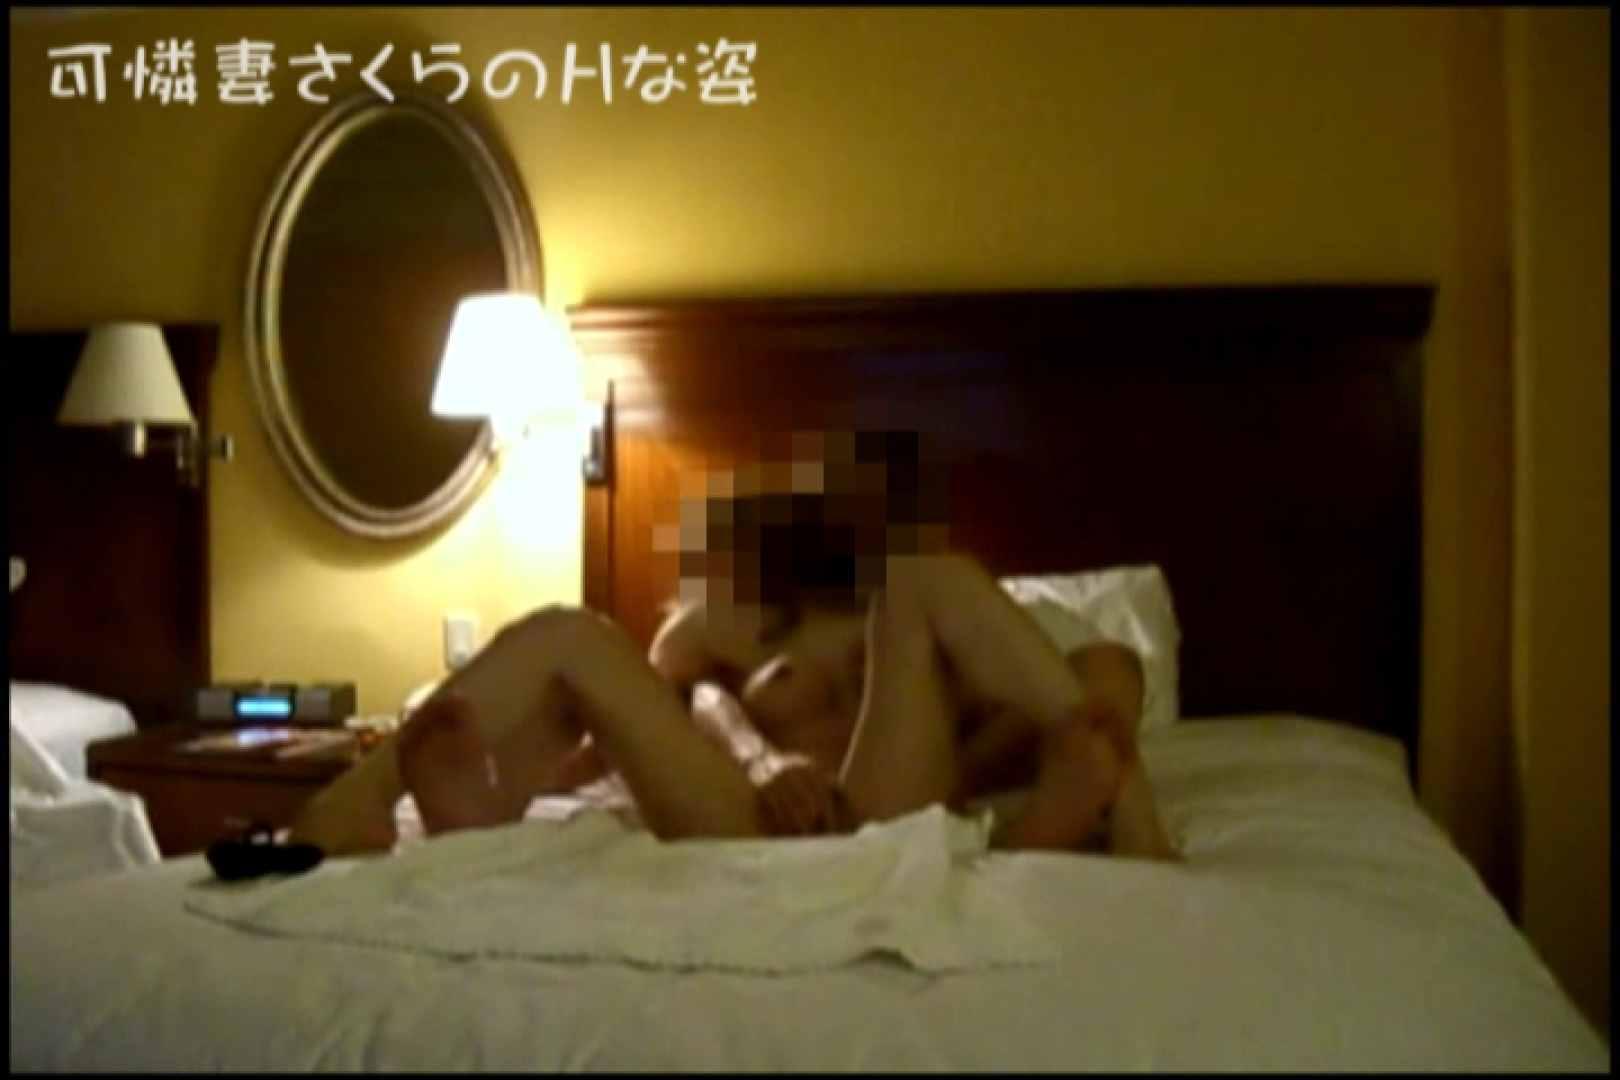 可憐妻さくらのHな姿vol.8 セックス映像 ぱこり動画紹介 105pic 23